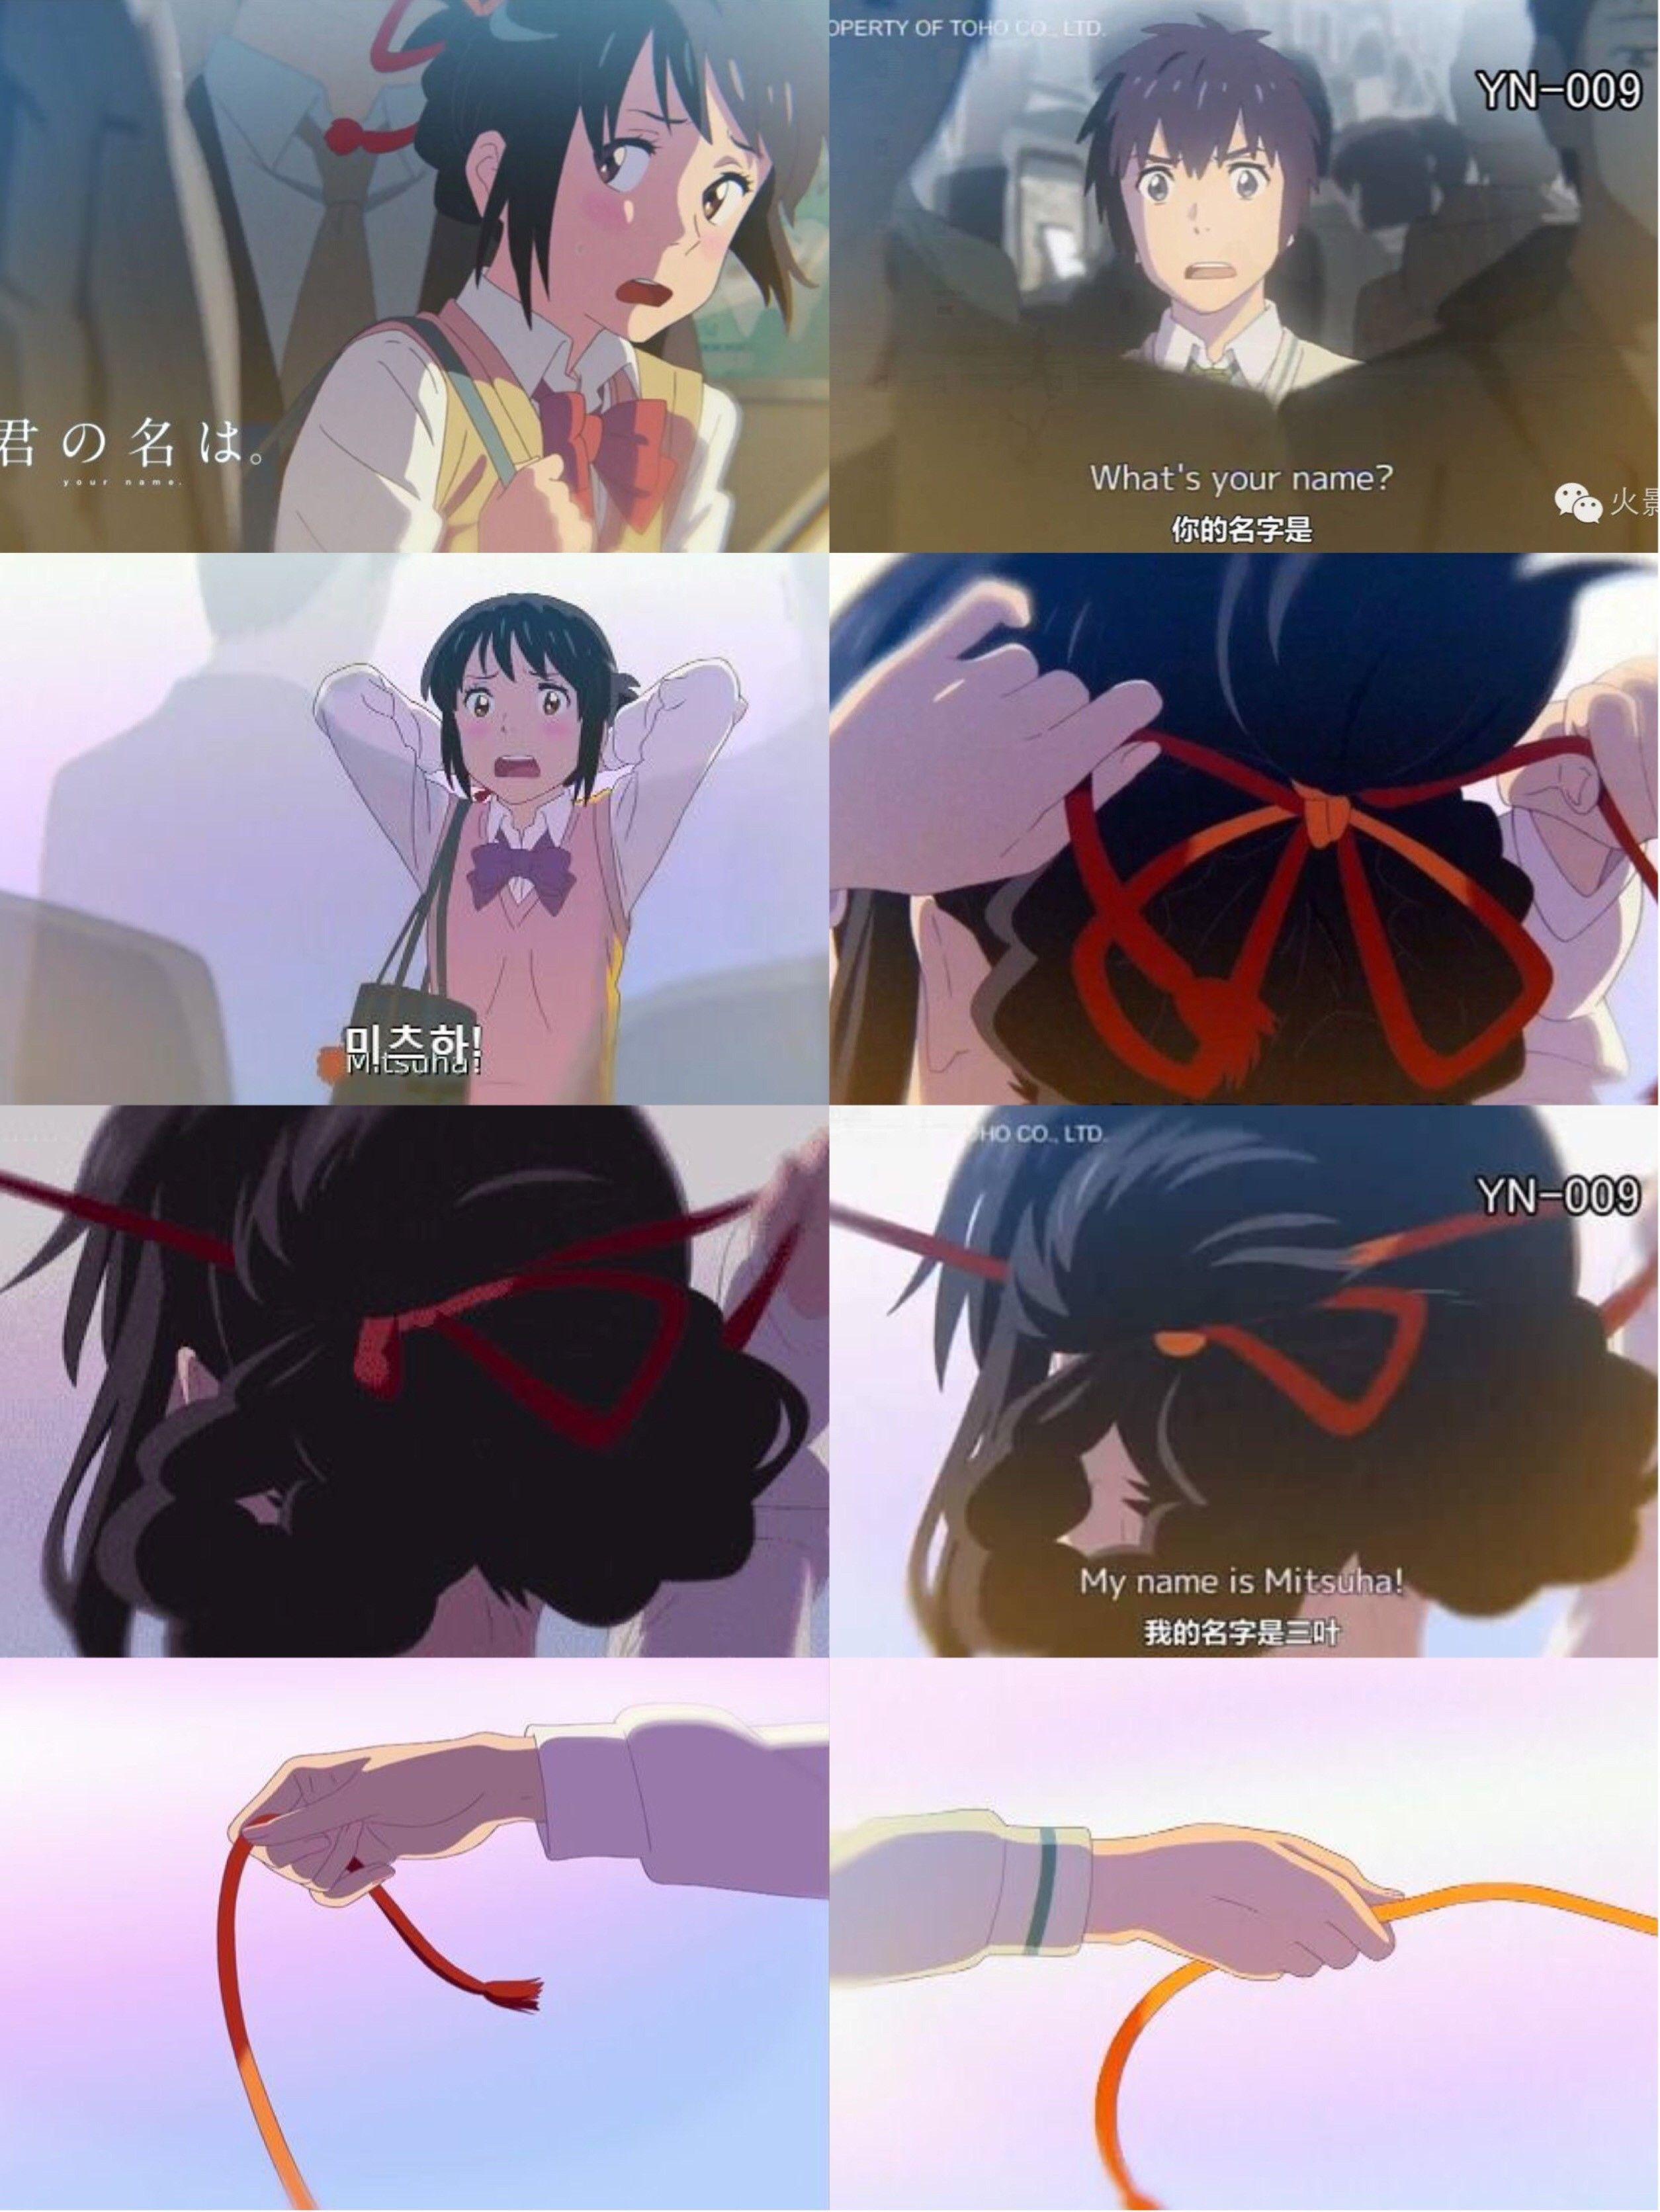 Mitsuha Your name anime, Anime poses reference, Anime shows